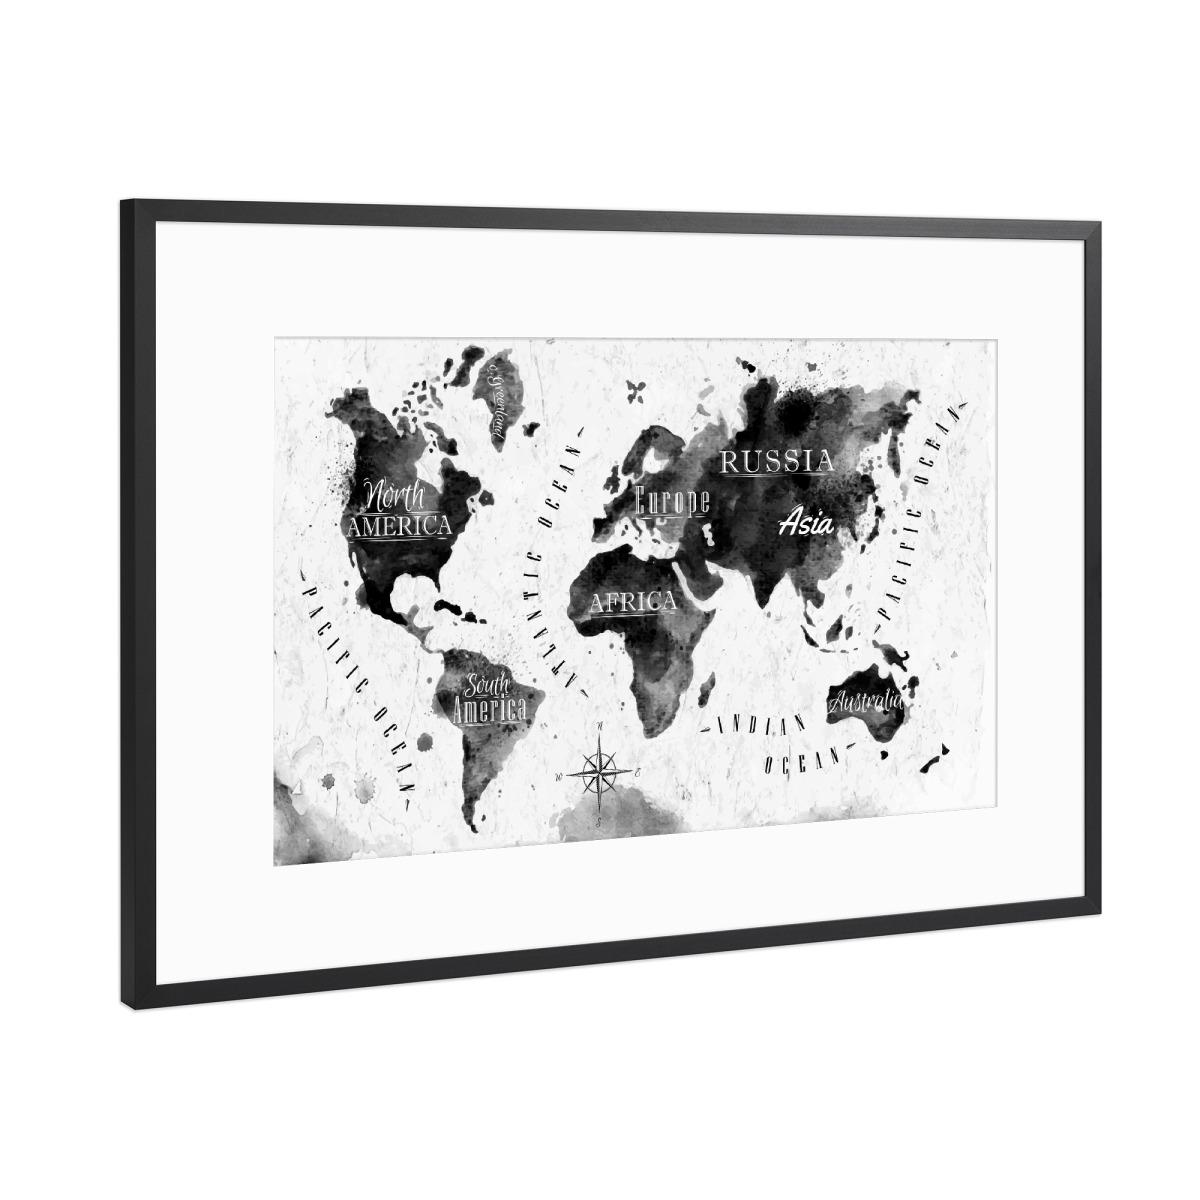 Tinte Weltkarte als Gerahmt bei artboxONE kaufen